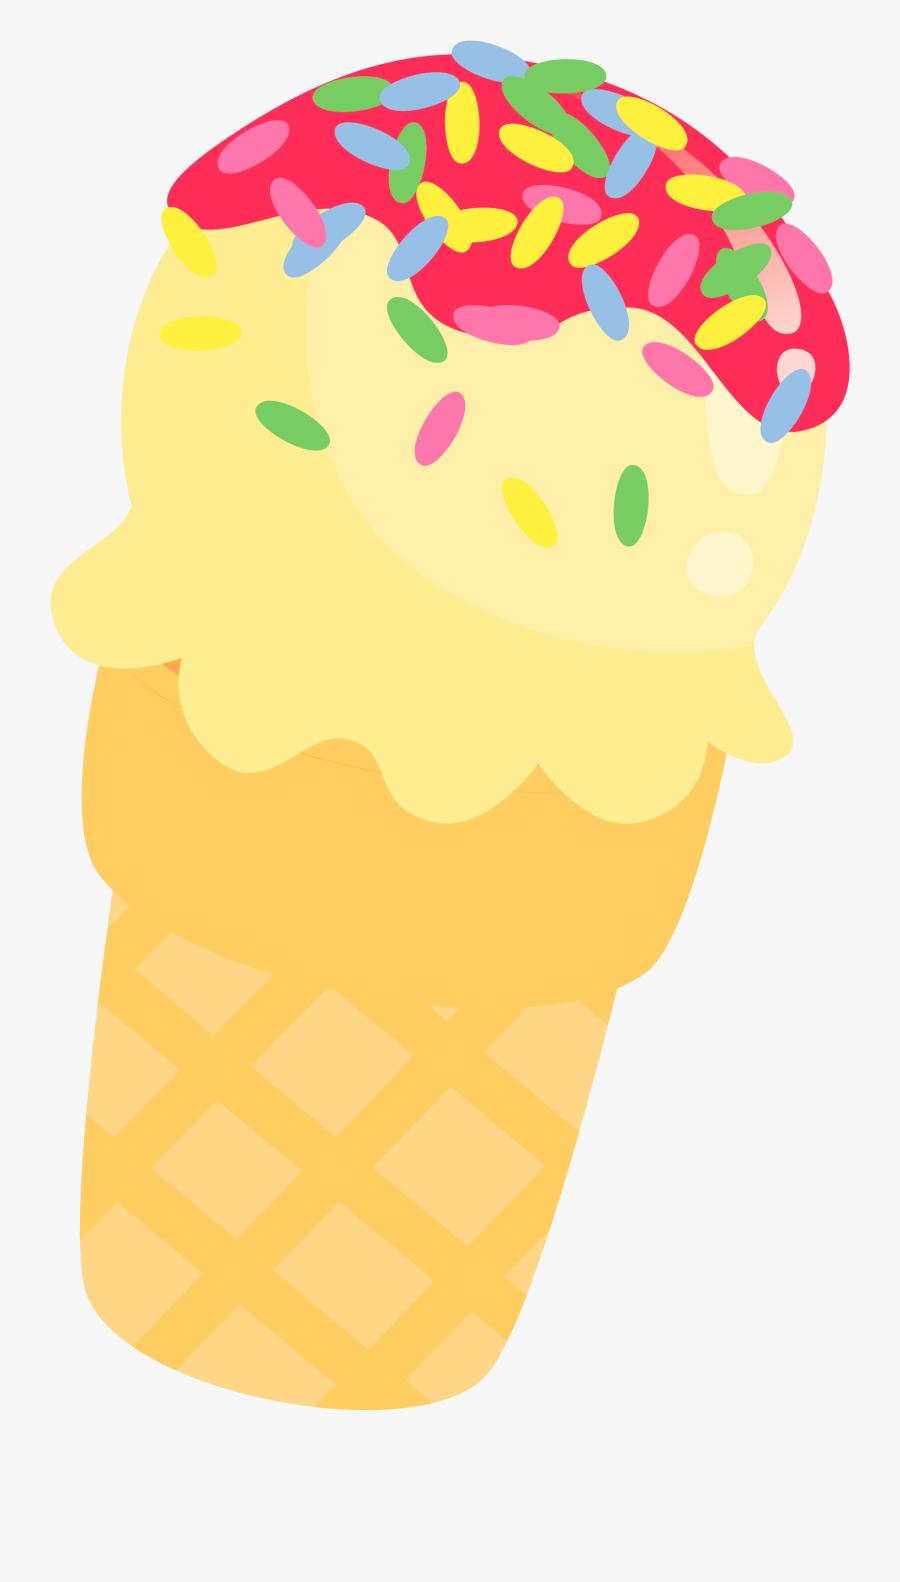 Ice Cream Clipart Ice Cream Cone Clip Art- - Ice Cream Clipart Cute, Transparent Clipart